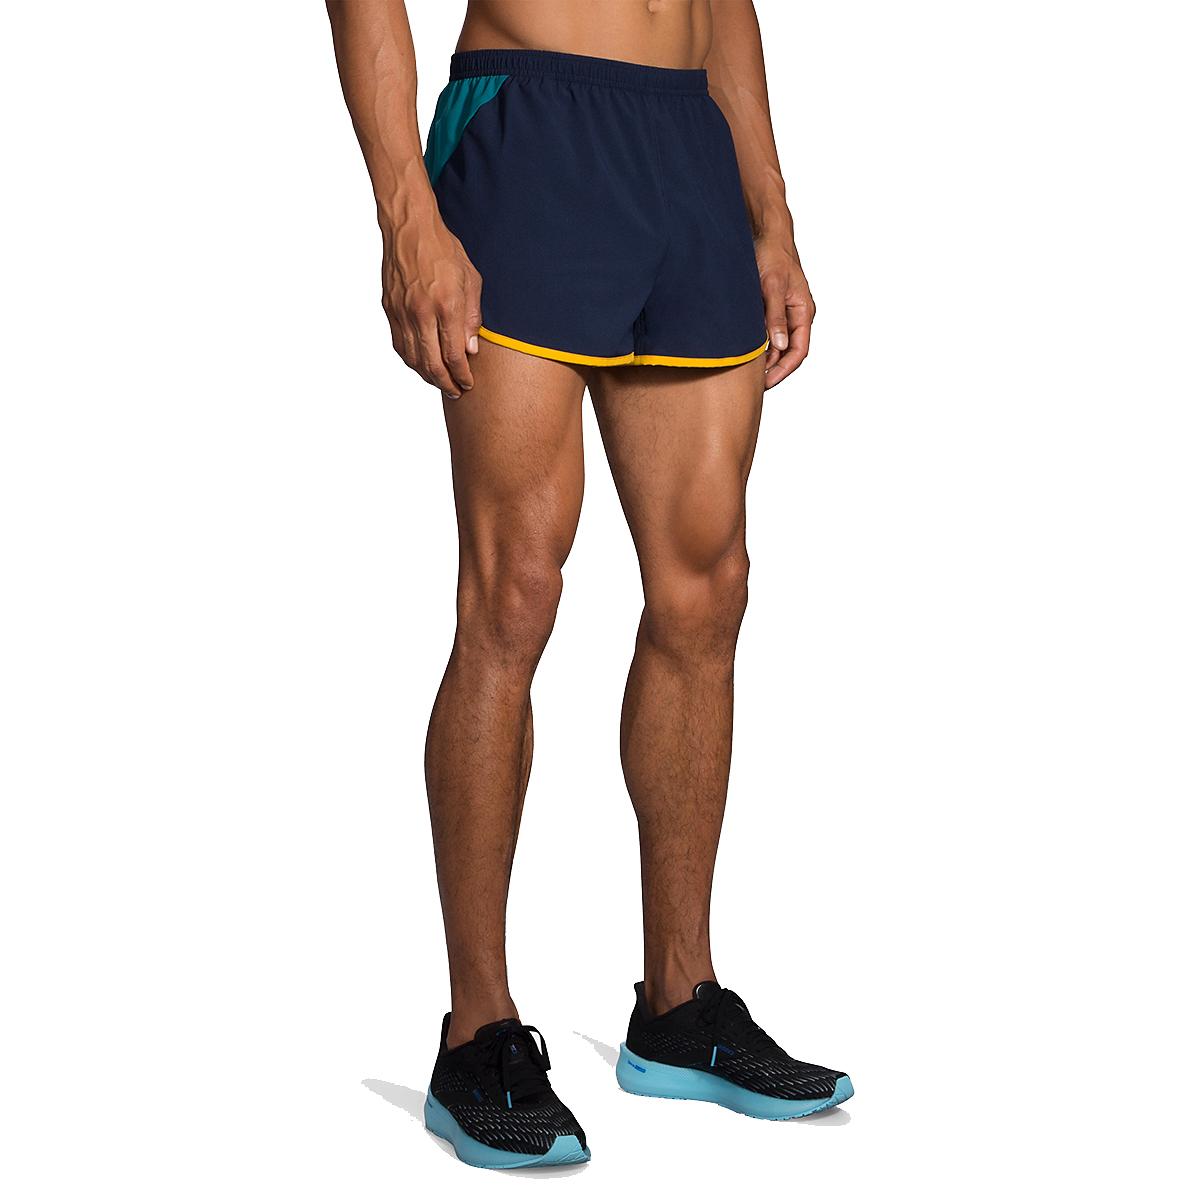 """Men's Brooks Hightail 3"""" Split Shorts - Color: Navy/Spruce - Size: S, Navy/Spruce, large, image 1"""